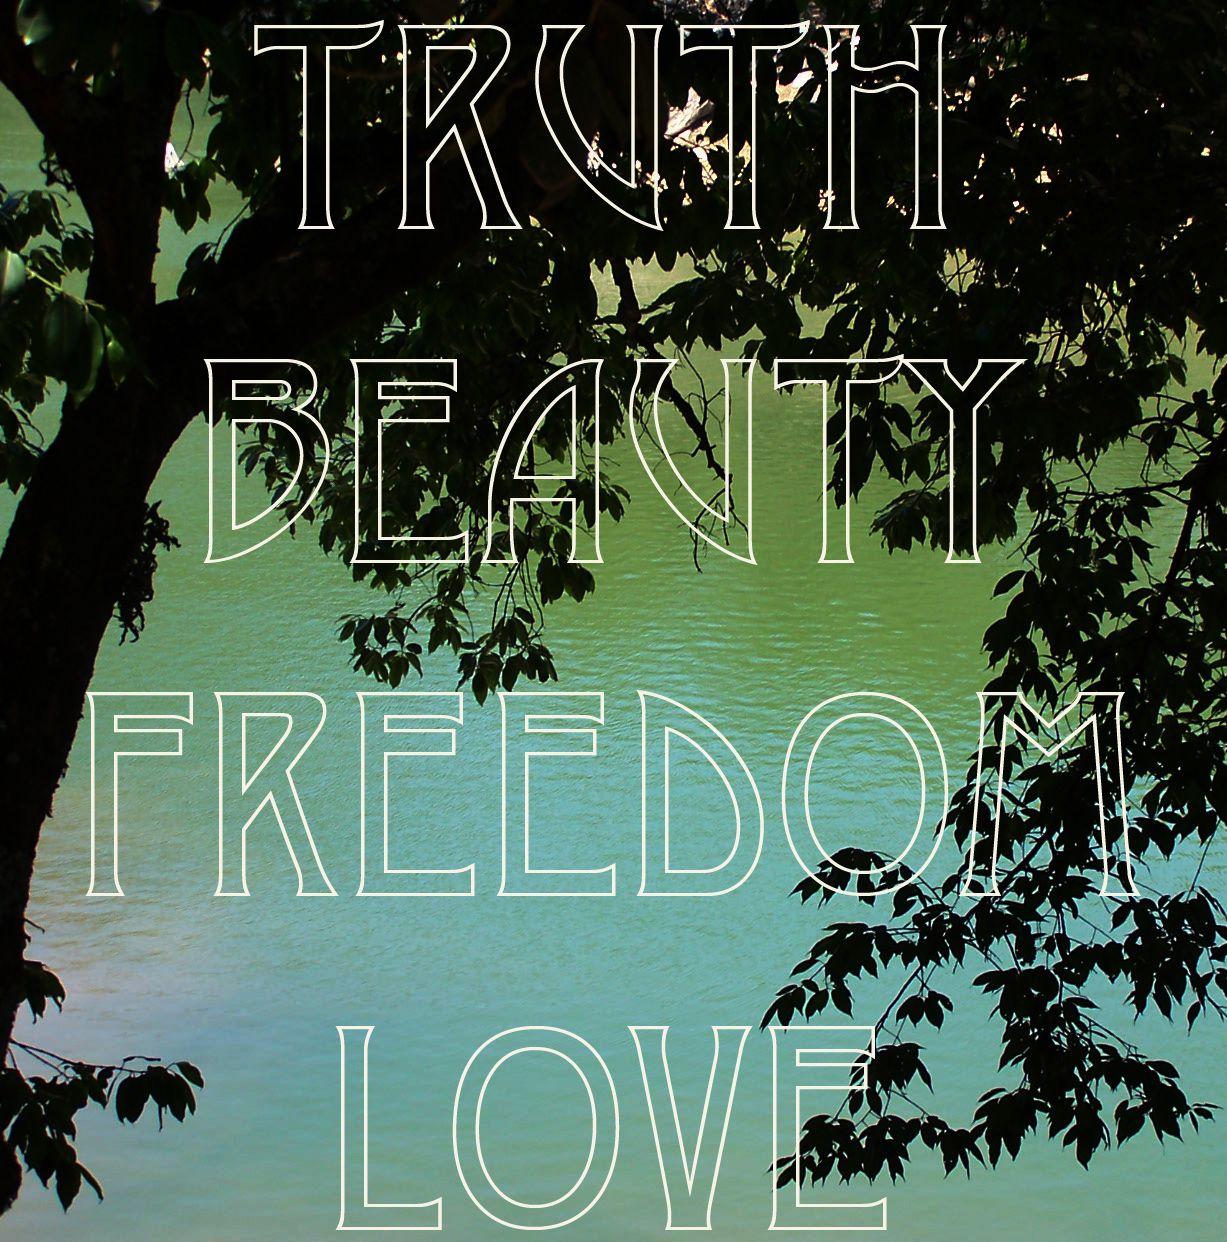 truth beauty freedom love Bohemian Revolution